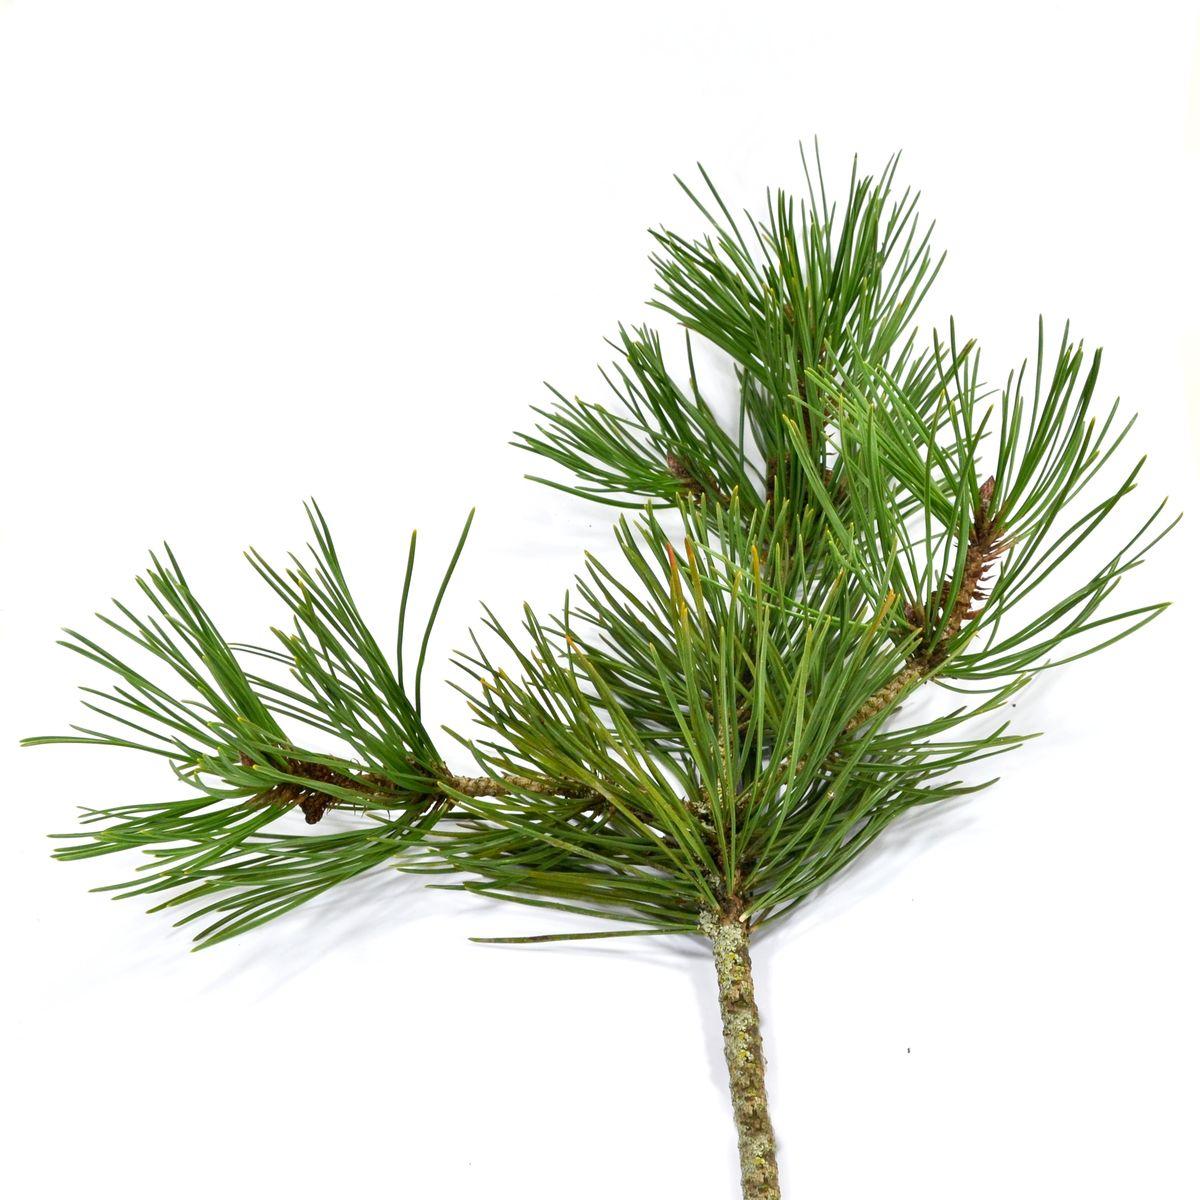 Weihnachtsbaumsorten im Vergleich: Die Kiefer